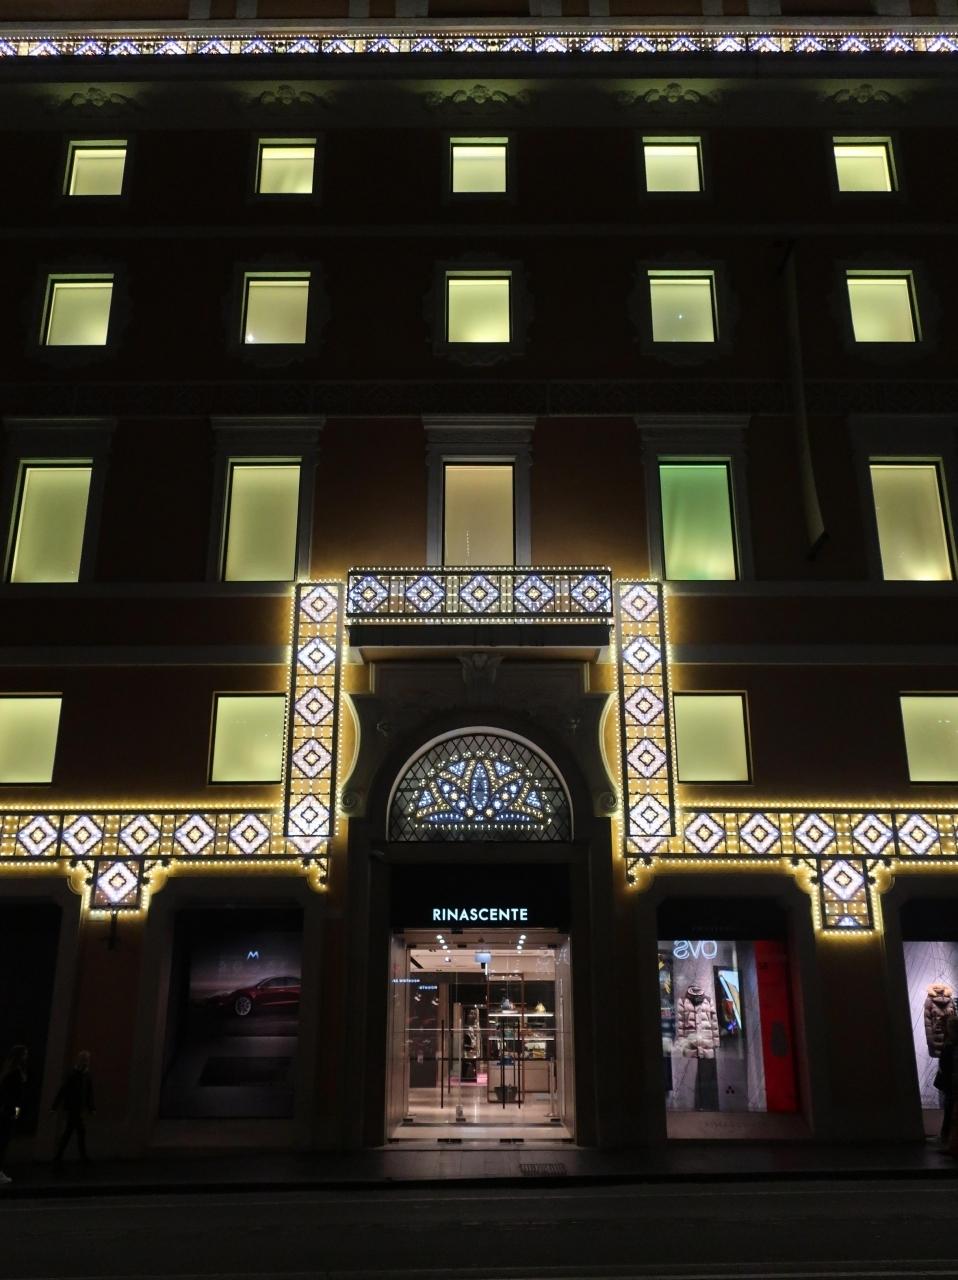 トレヴィの泉よりも僕の興味は リナシェンテ(Rinascente)です。 クリスマス用にライトアップされてます!